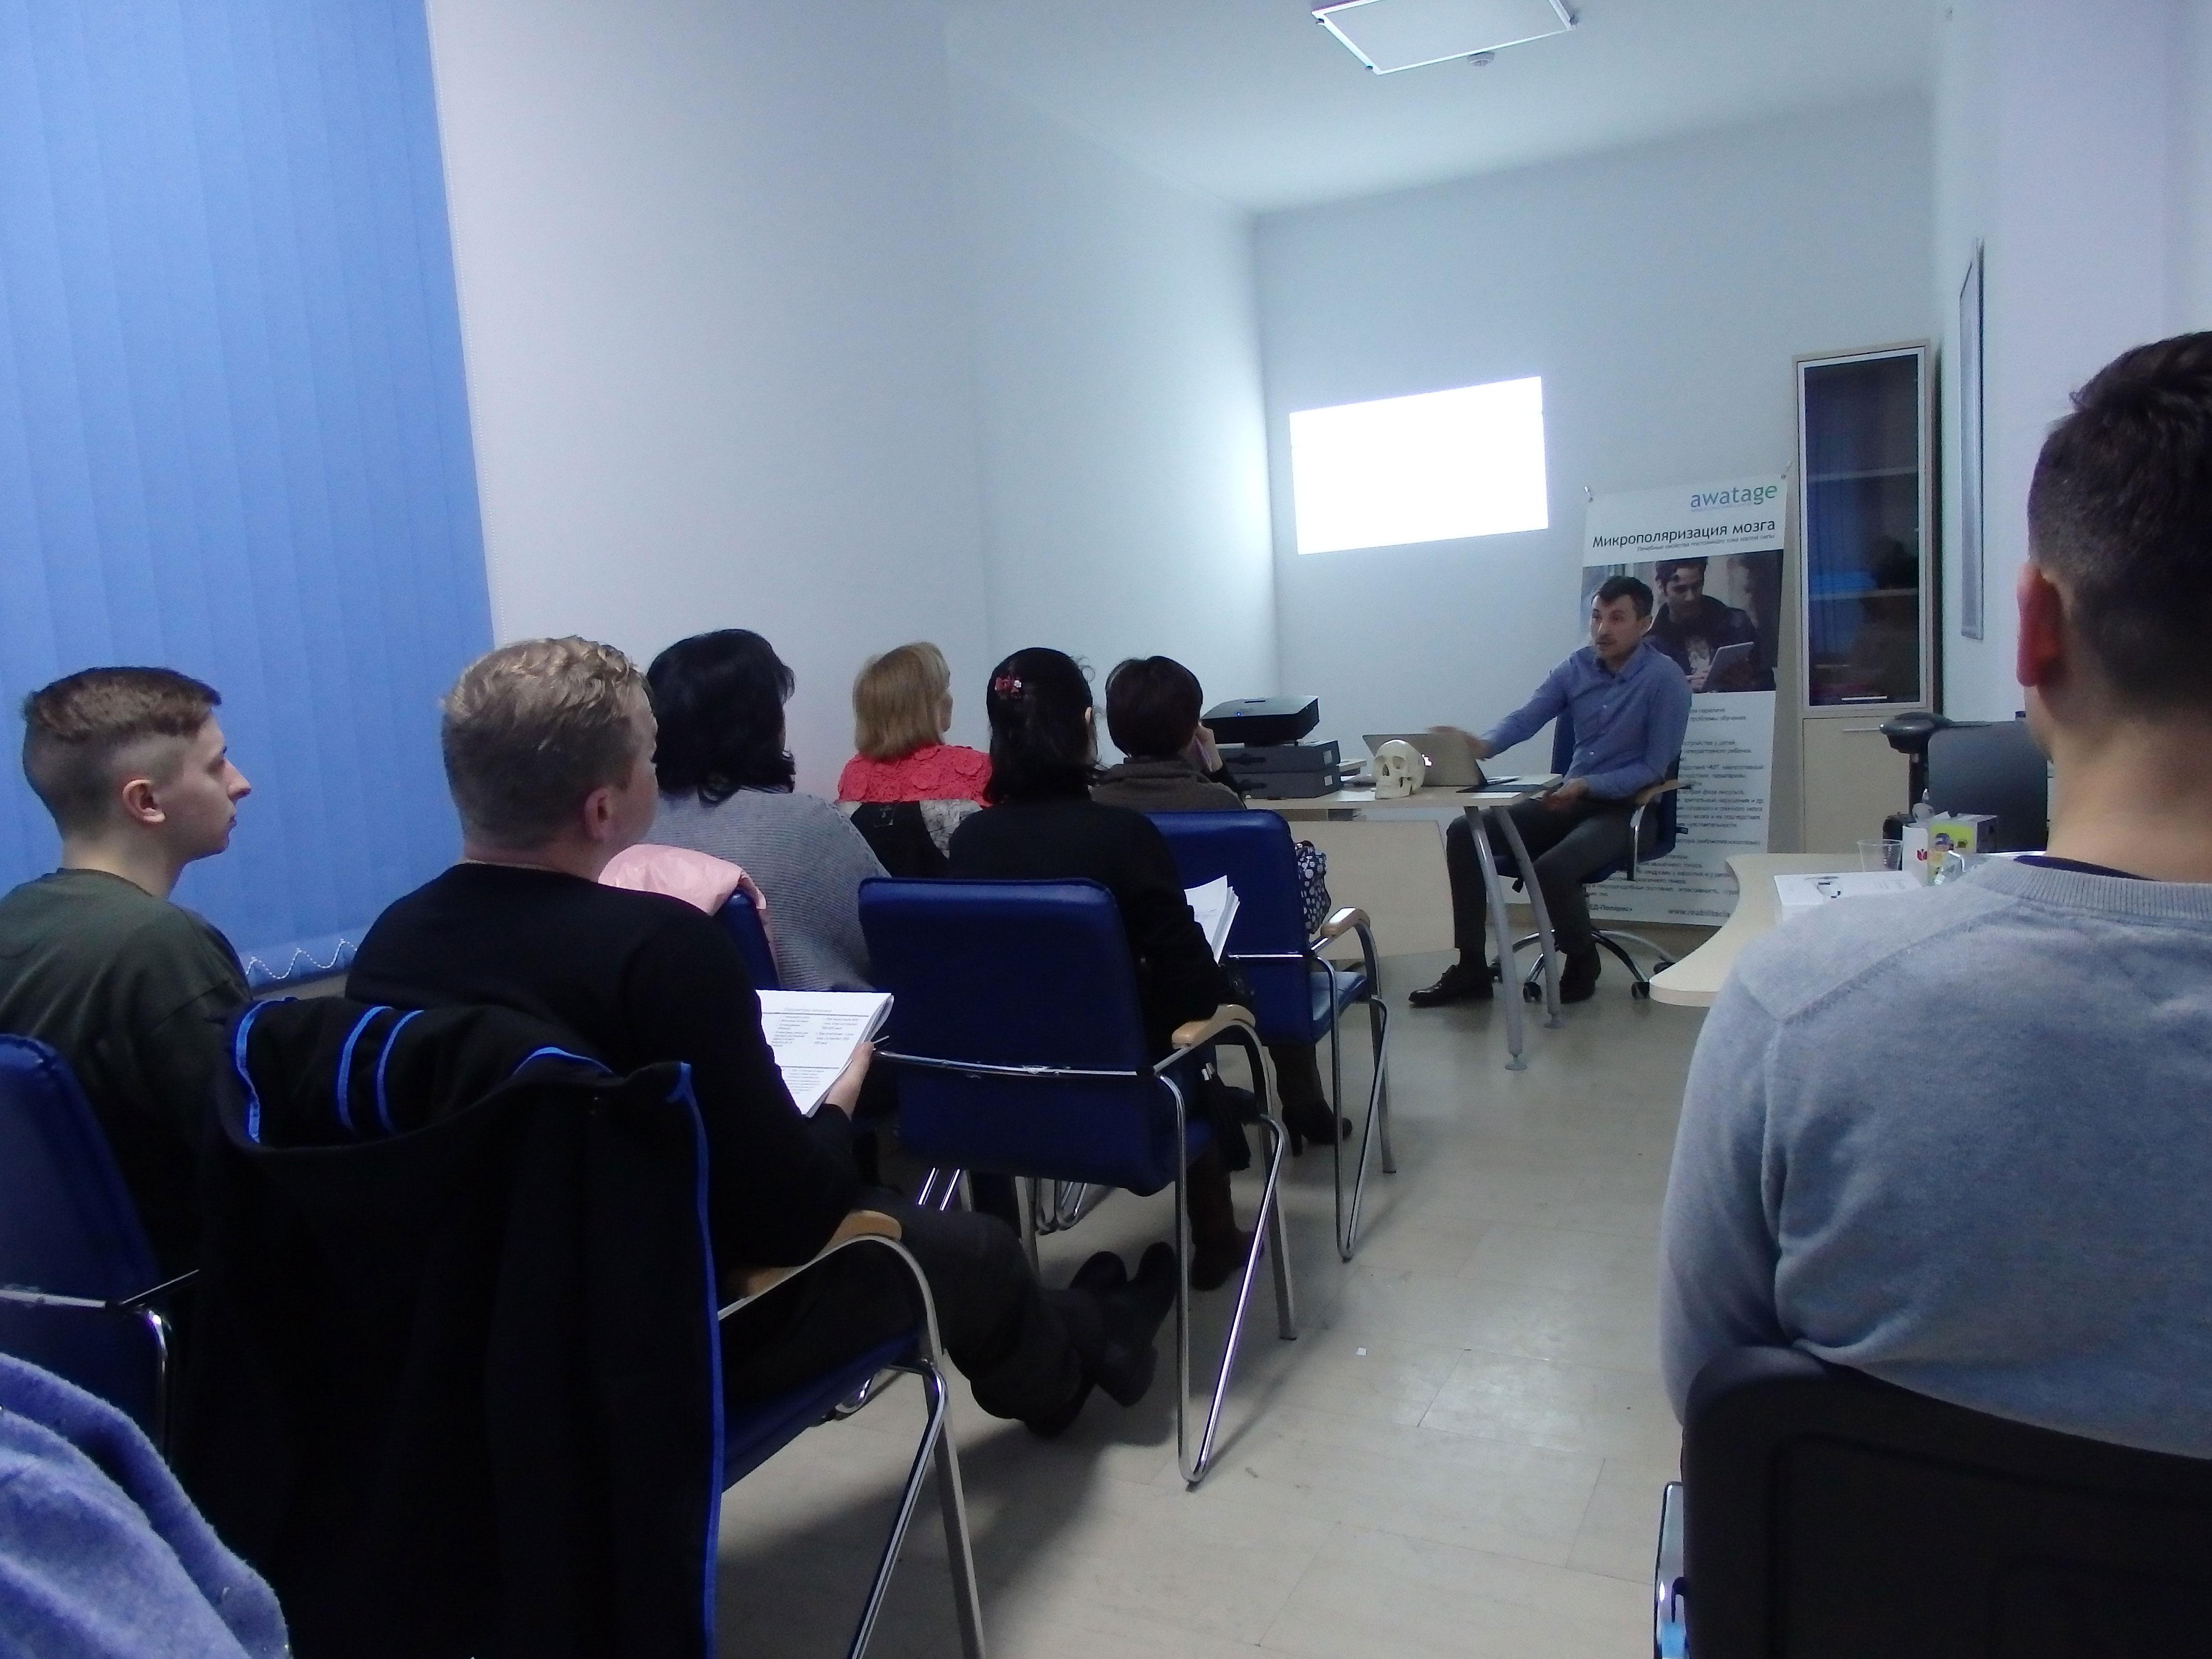 Семінар та практичне заняття по мікрополяризації головного та спинного мозку у медичному центрі Аватаж